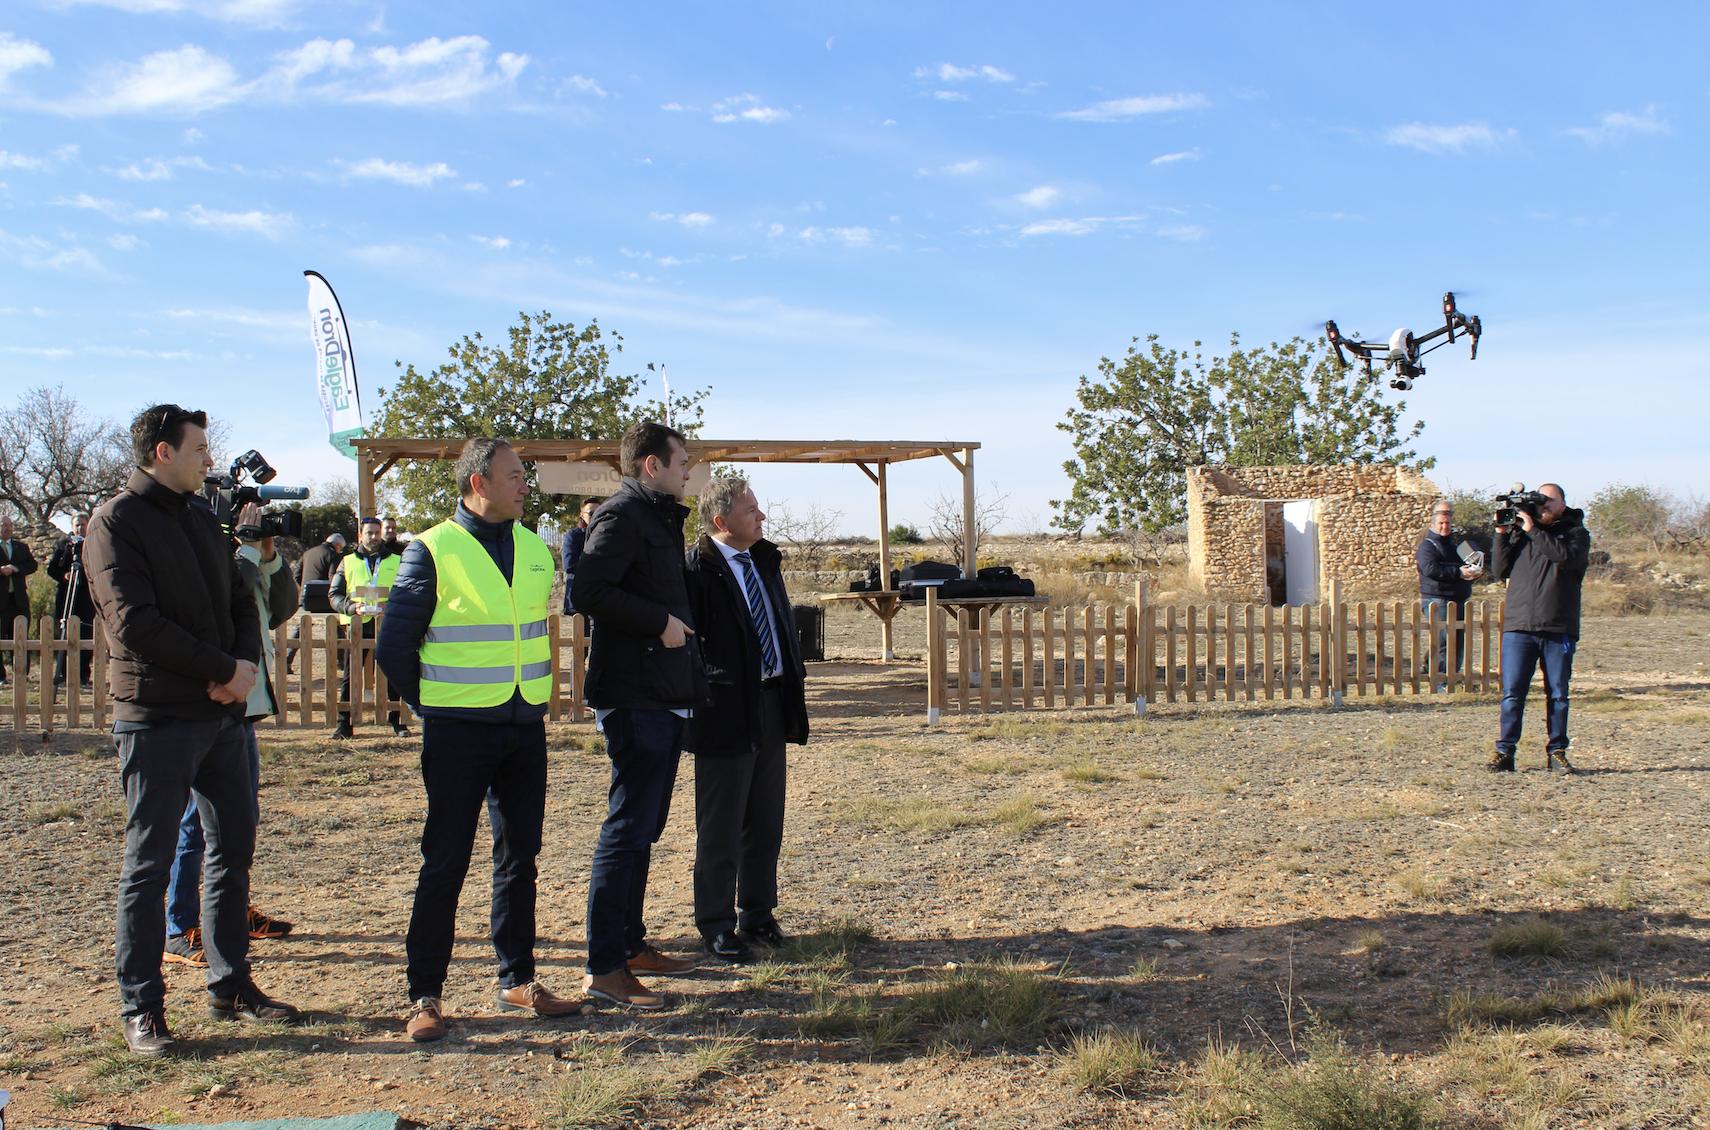 Demostración del funcionamiento de los drones a la que asistió el delegado del gobierno en la Comunidad Valenciana, Juan Carlos Moragues y el alcalde de Cheste, José Morell.